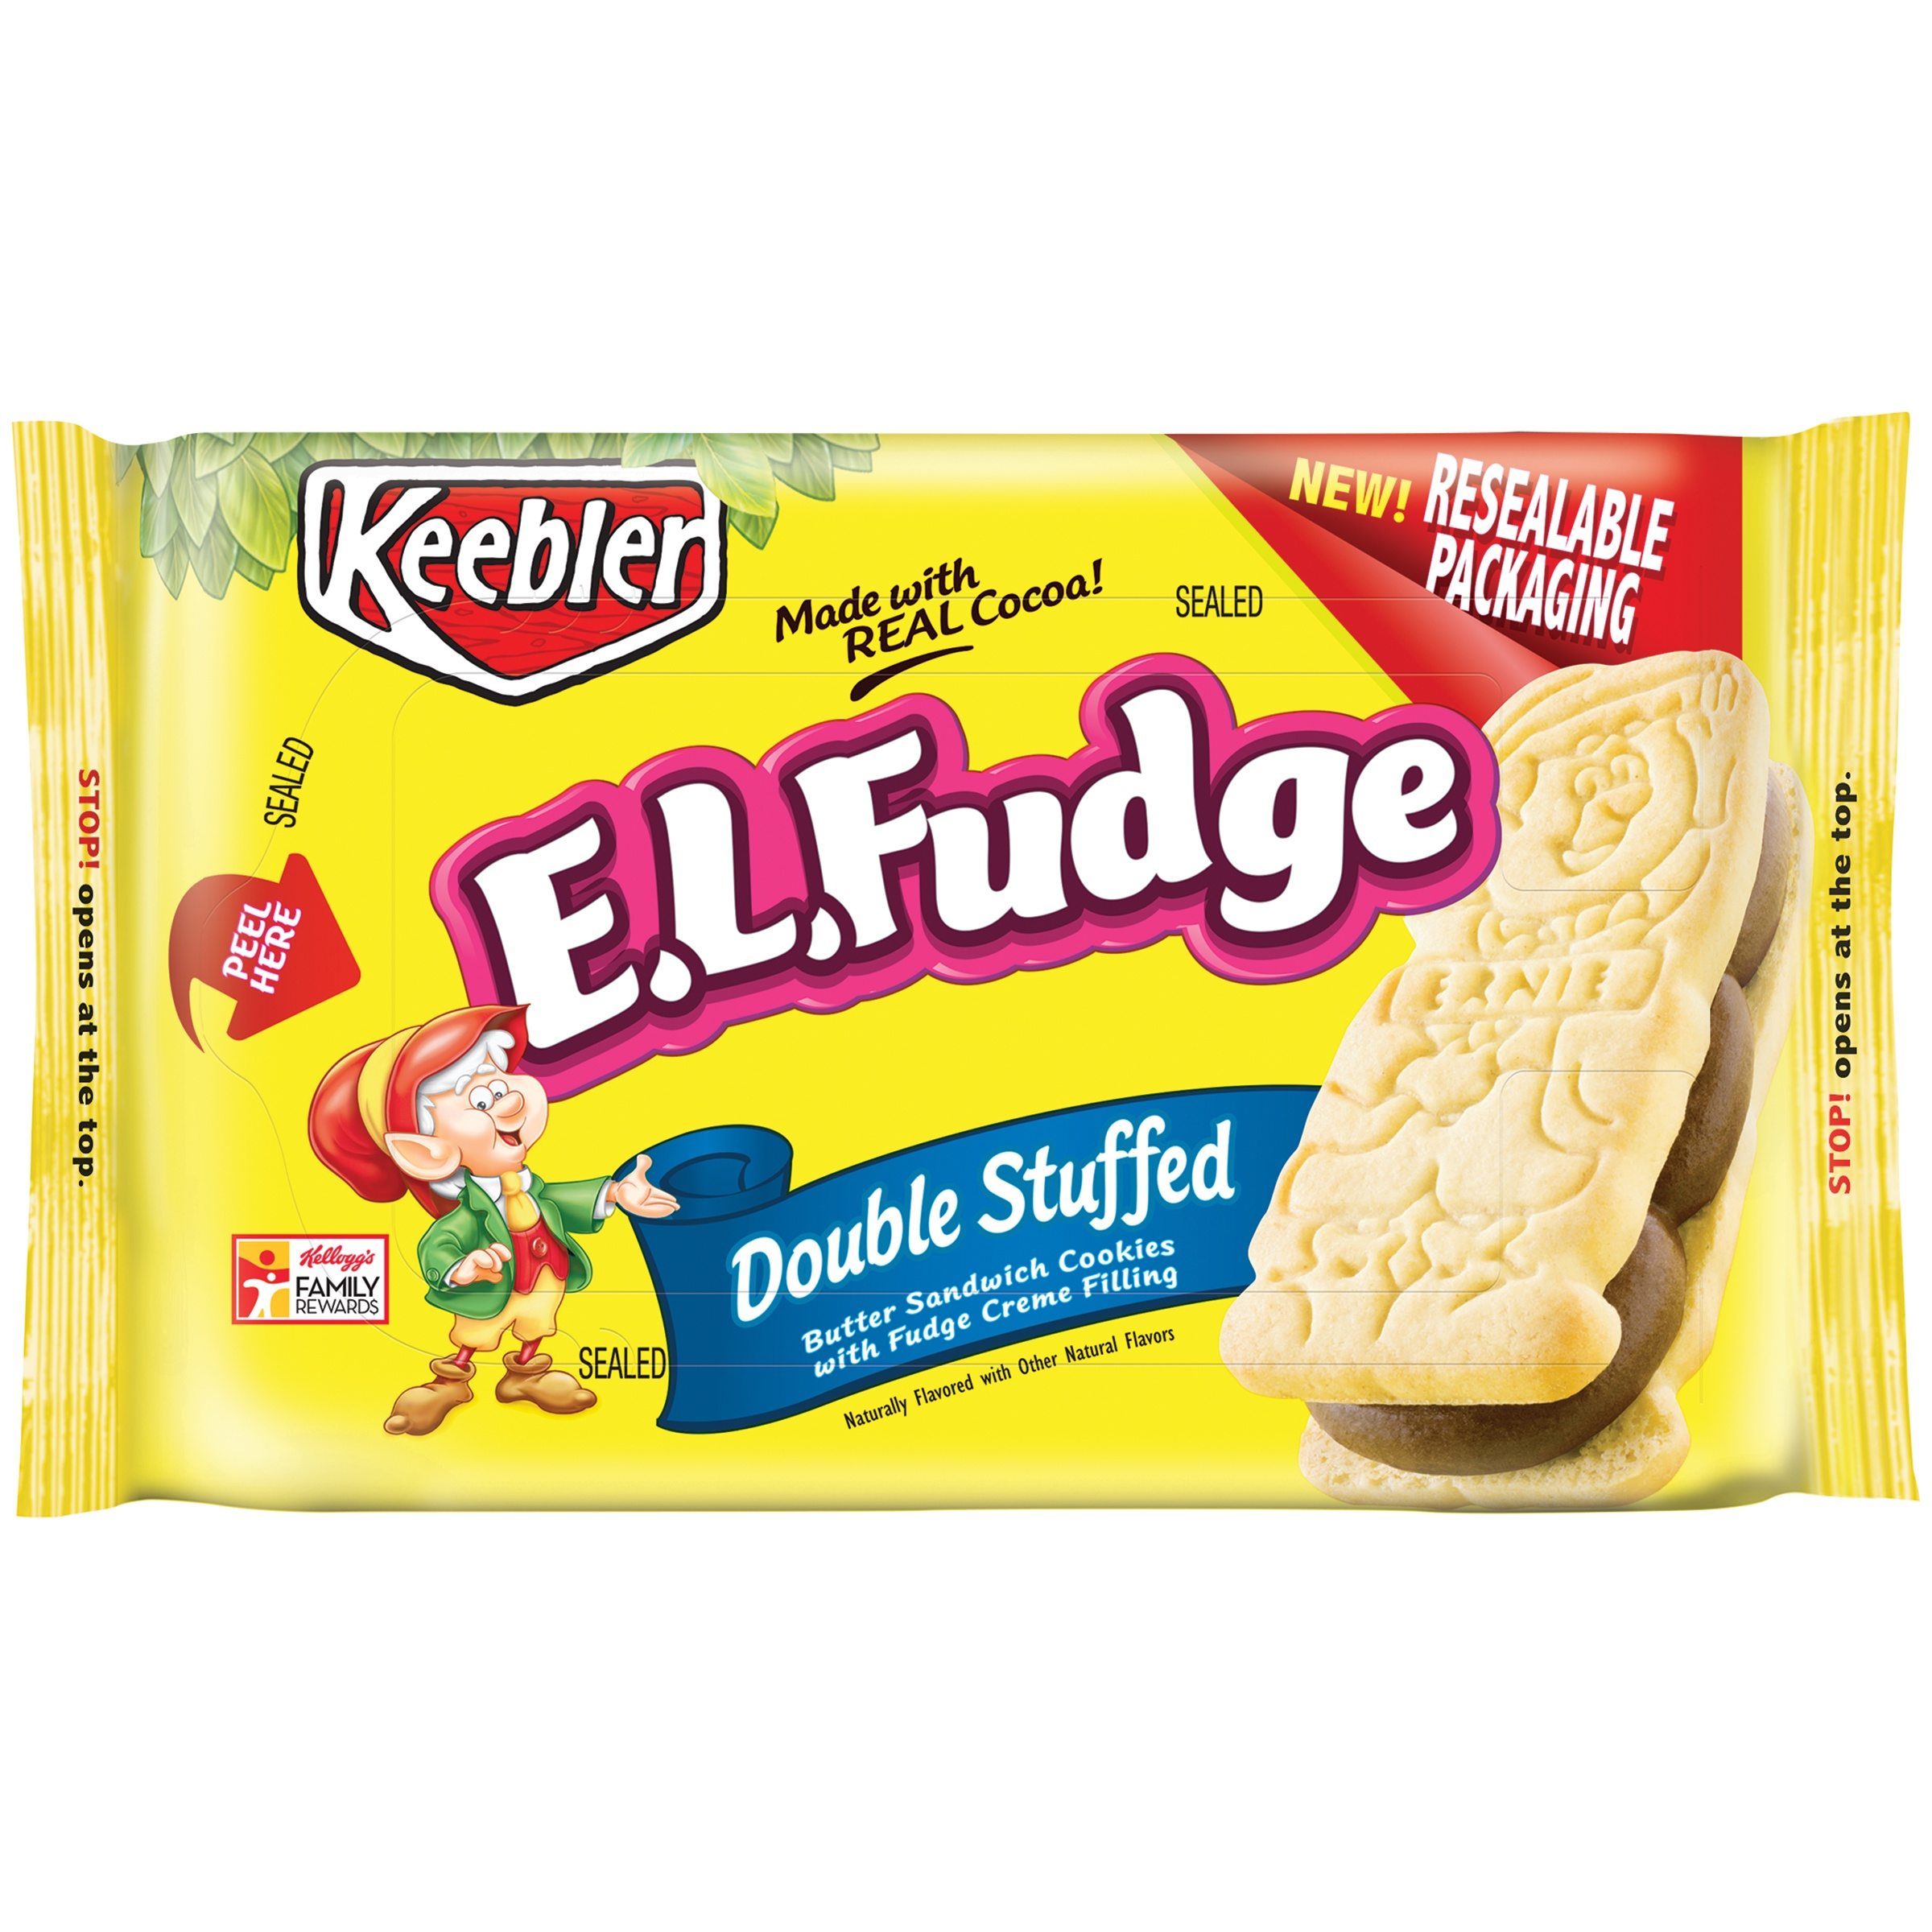 Keeblerâ ¢ E.L. Fudge ® Double Stuffed Sandwich Cookies 12 oz. Tray